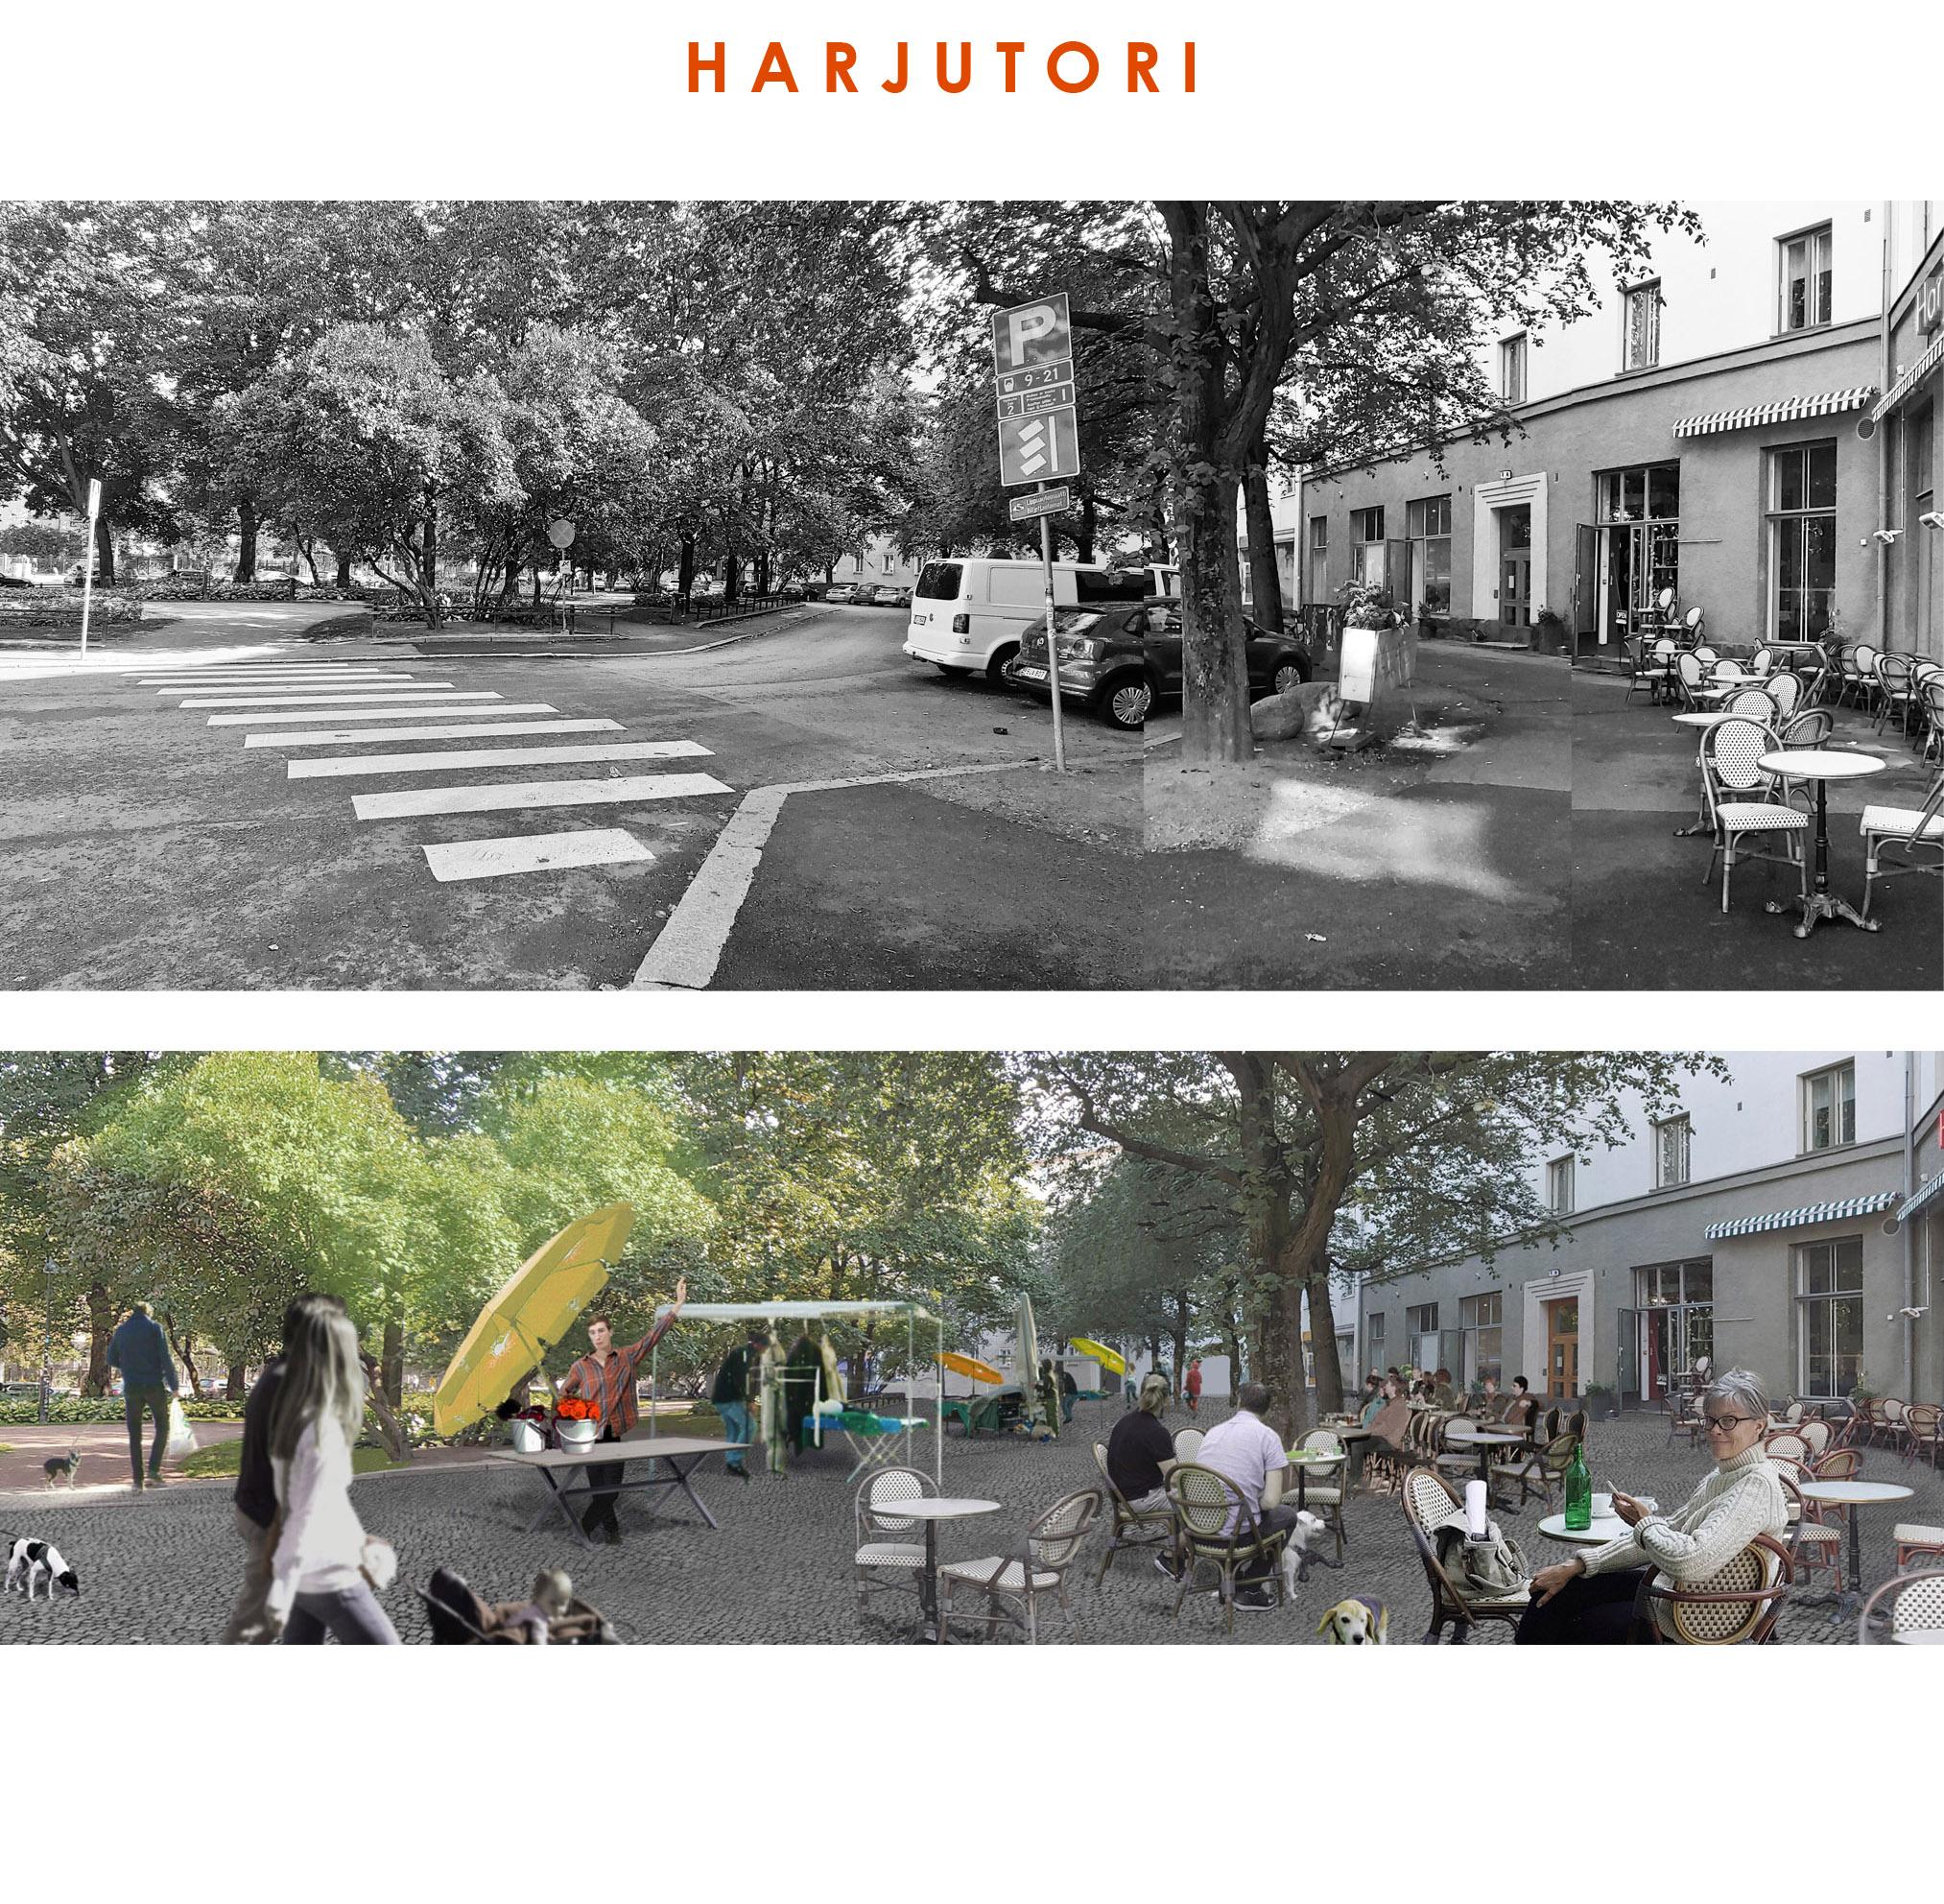 Helsingin Harjutori voisi olla kaupunkikeidas